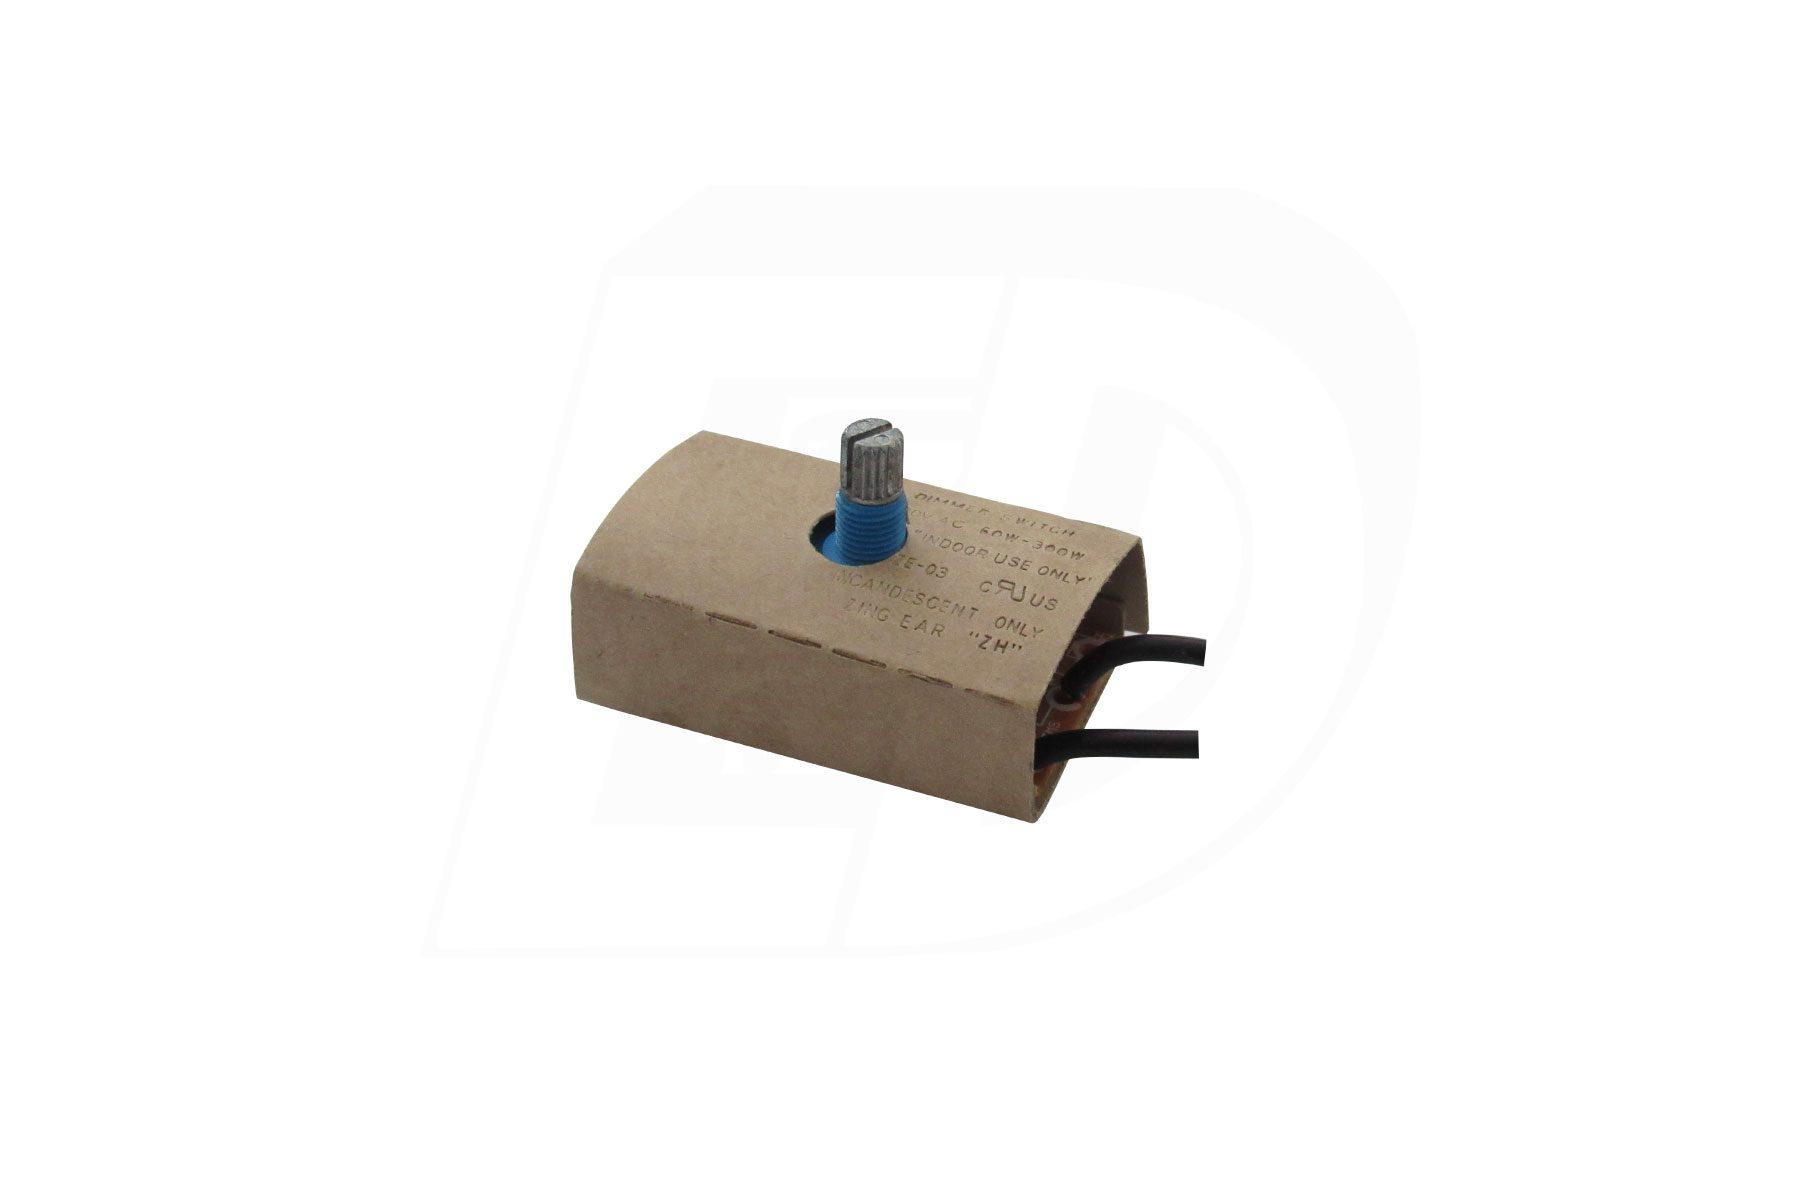 Full Range Rotary Dimmer Lamp Switch